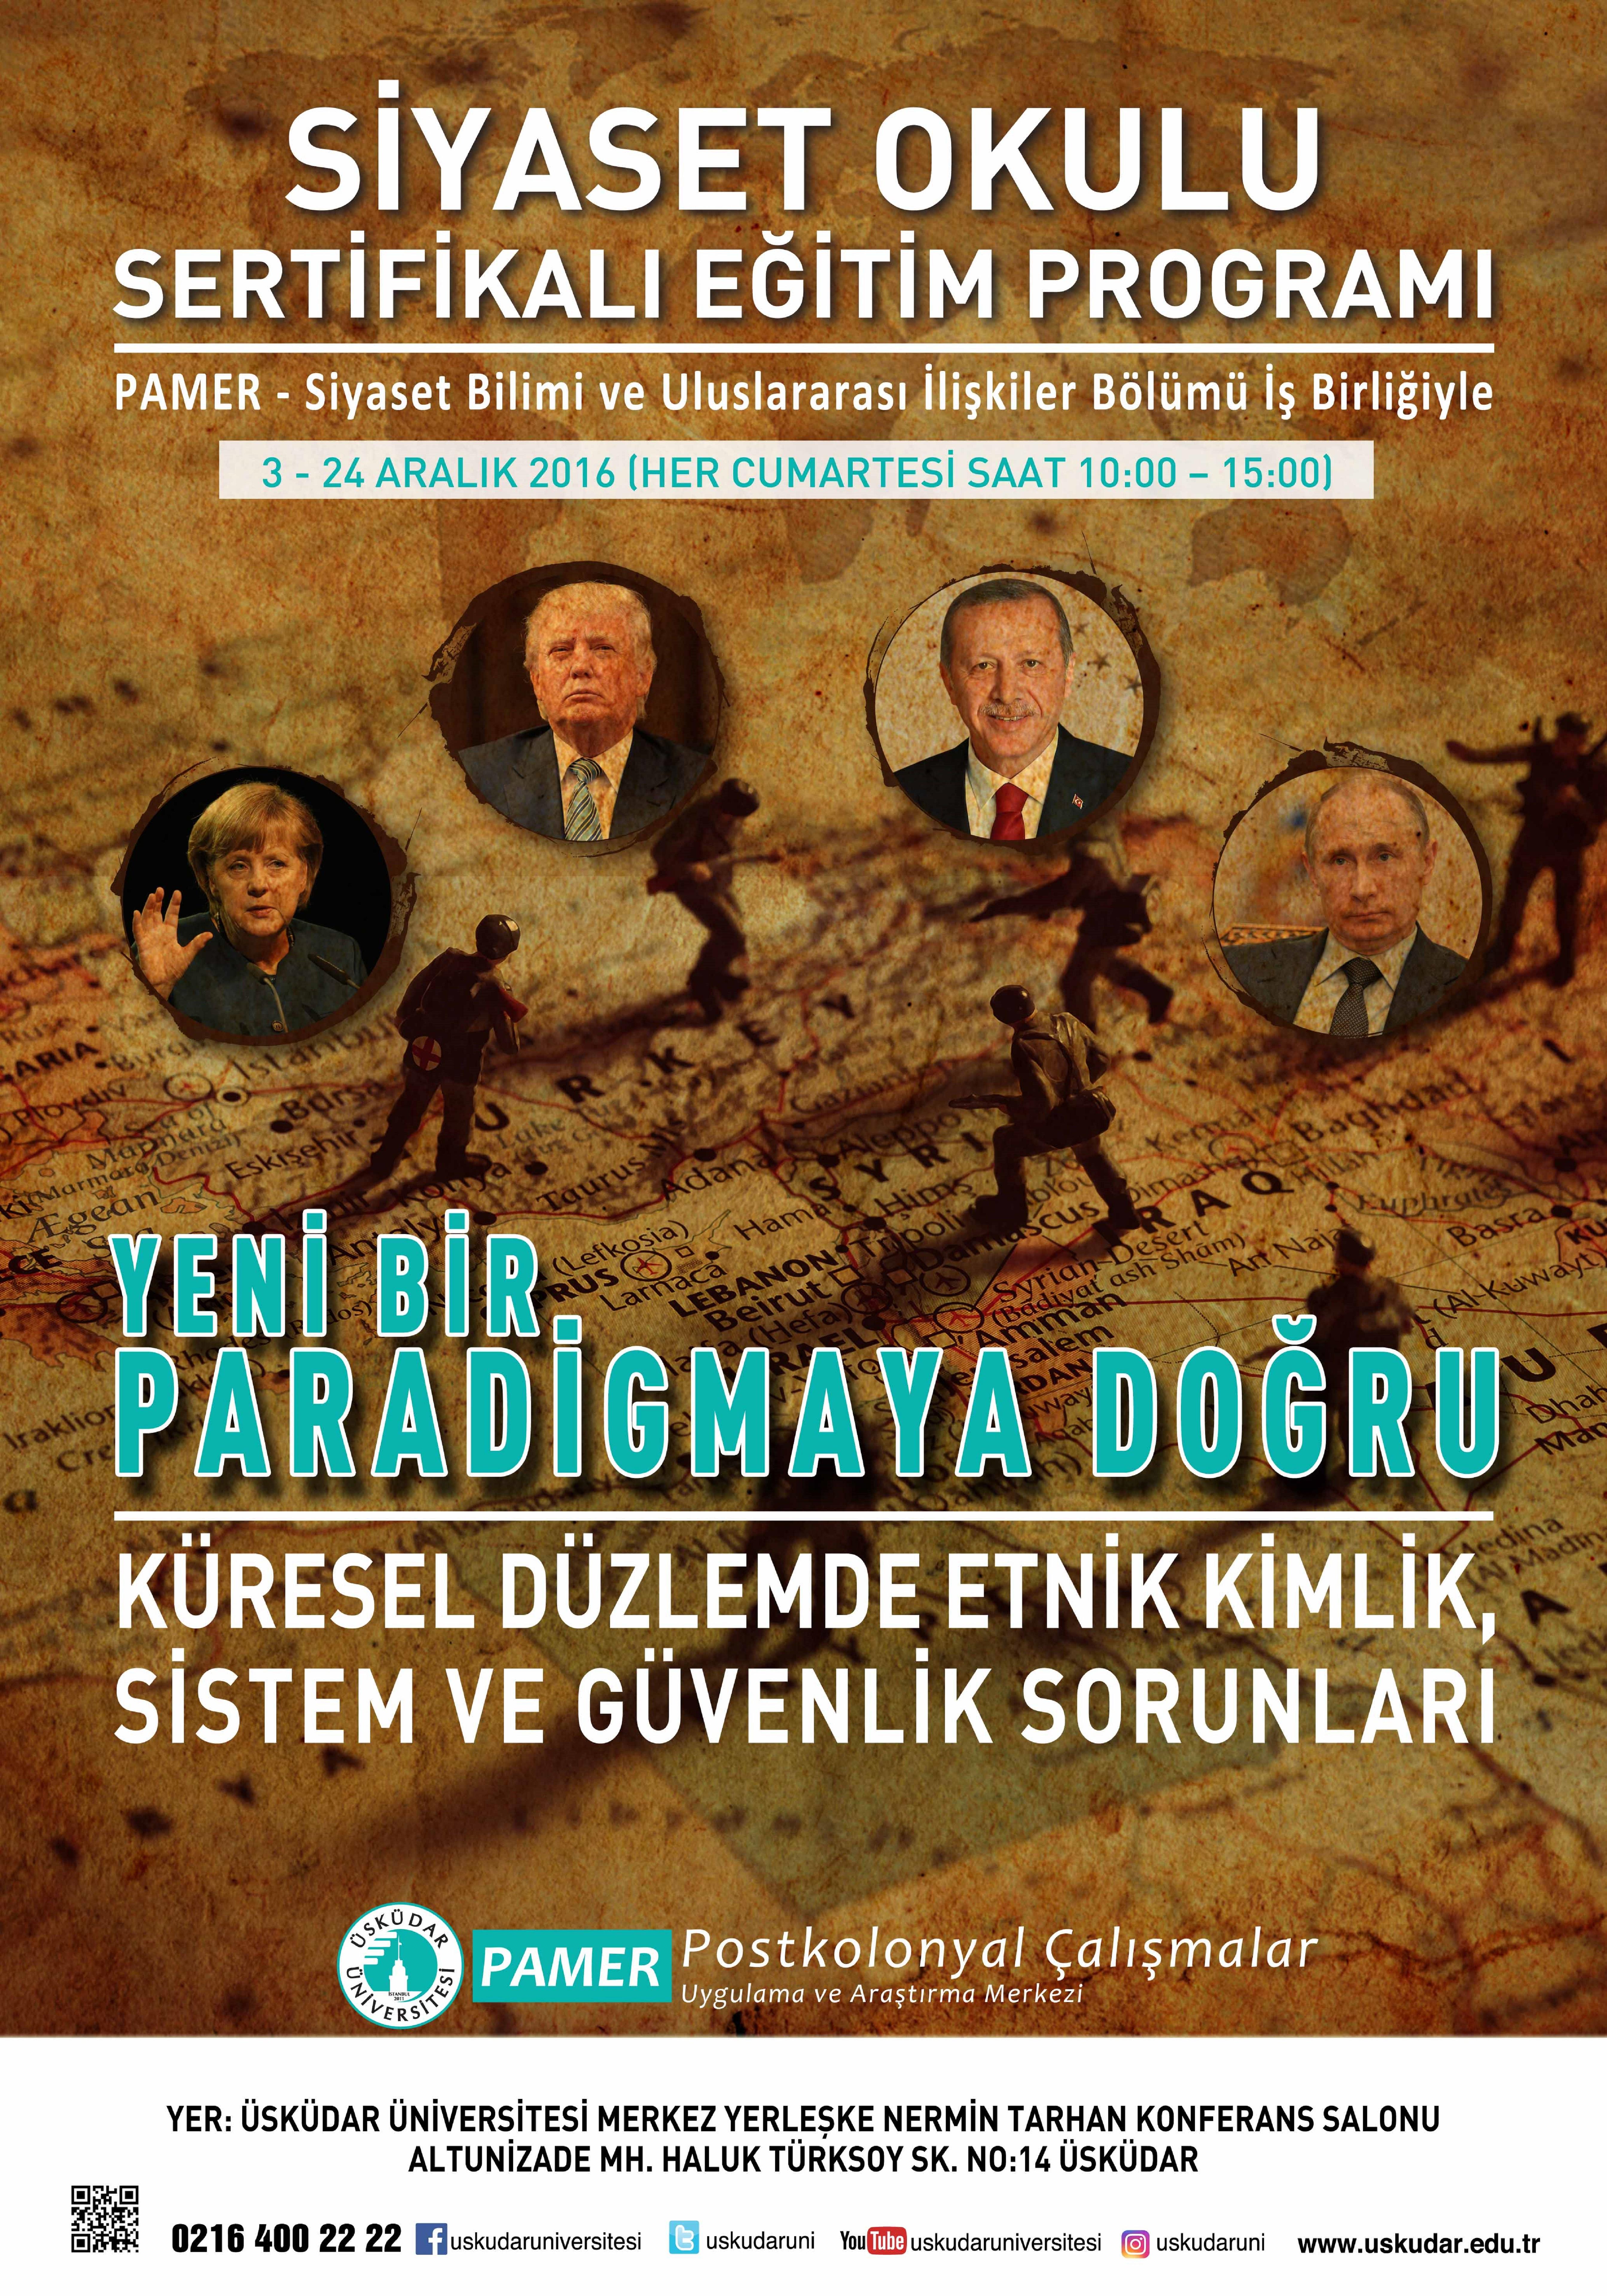 PAMER Siyaset Okulu Etkinliği 3-24 Aralık Her Cumartesi saat 10.00-15.00 arası Nermin Tarhan Salonu